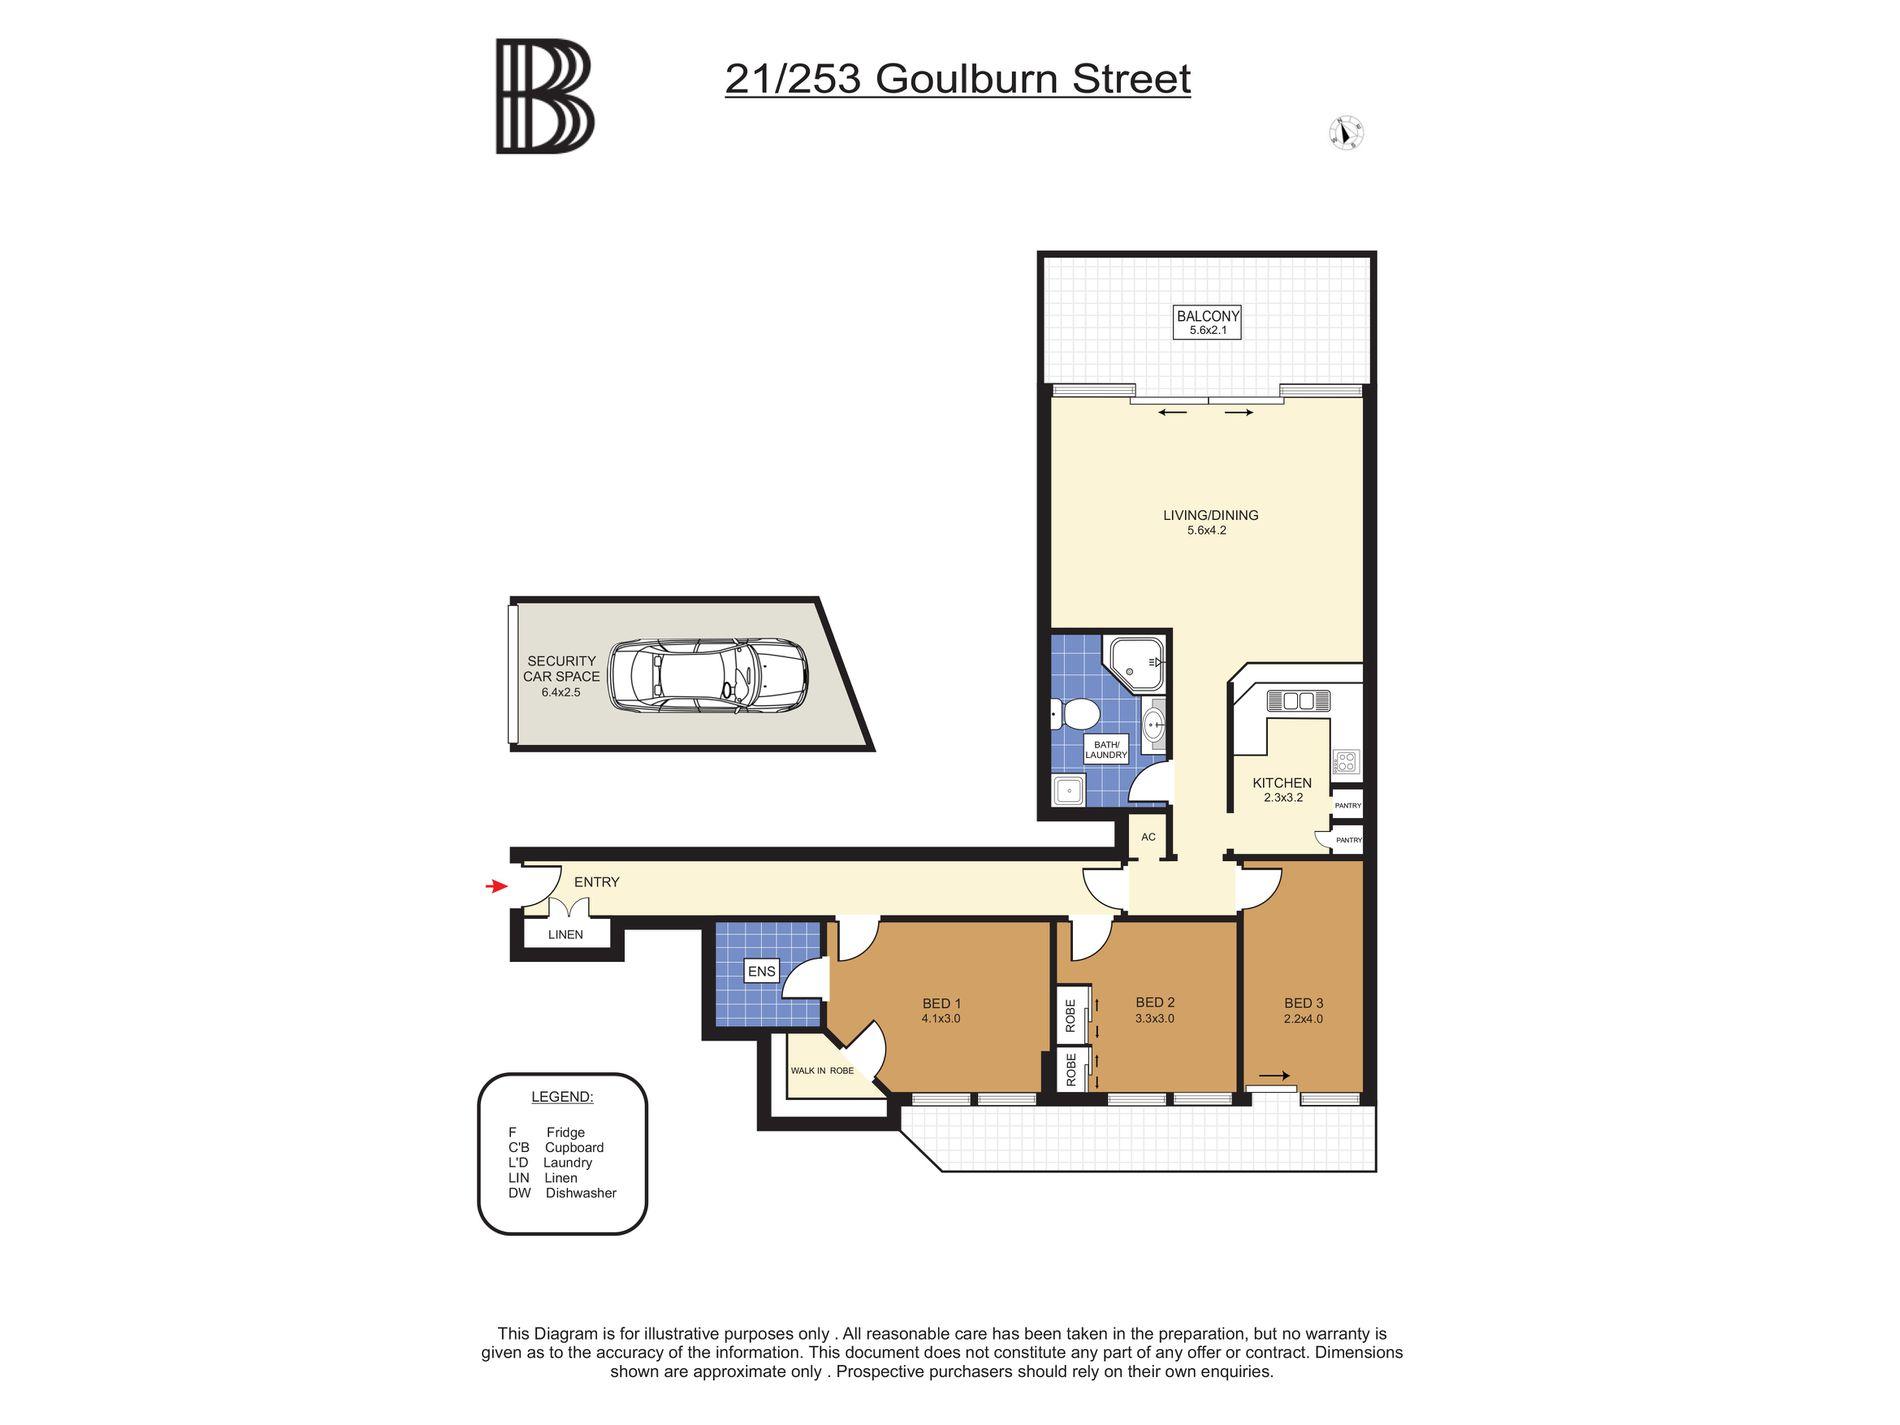 21 / 253 Goulburn Street, Surry Hills